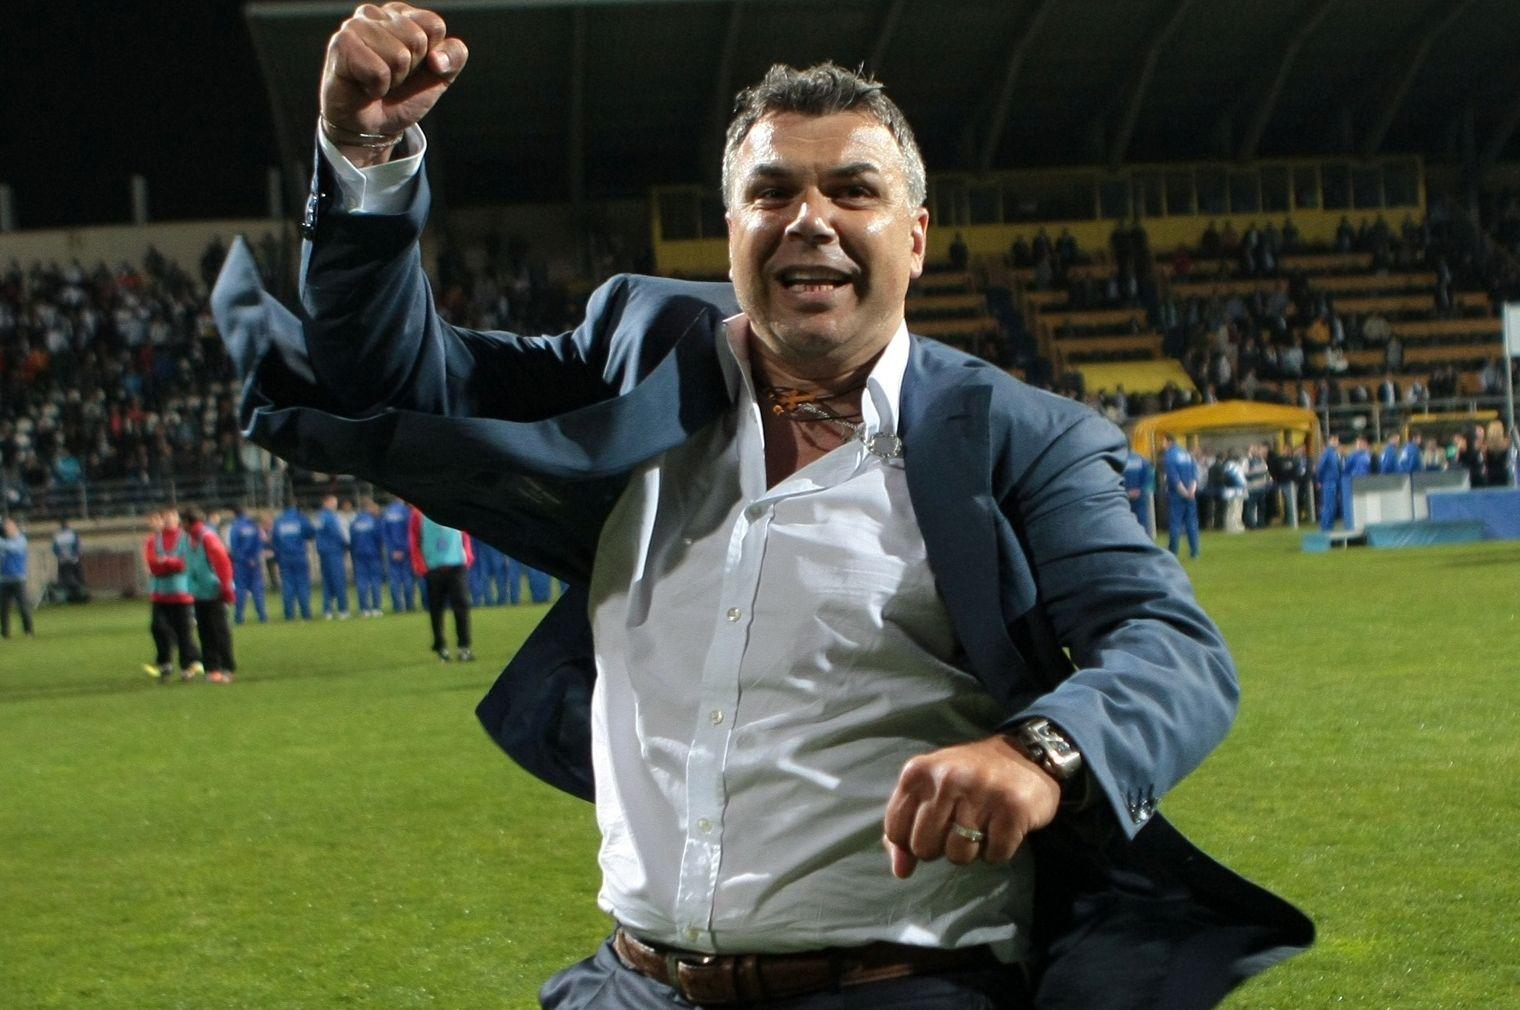 Fanii FCSB îl vor adora! Gest uriaș făcut de Olăroiu pentru clubul patronat de Becali